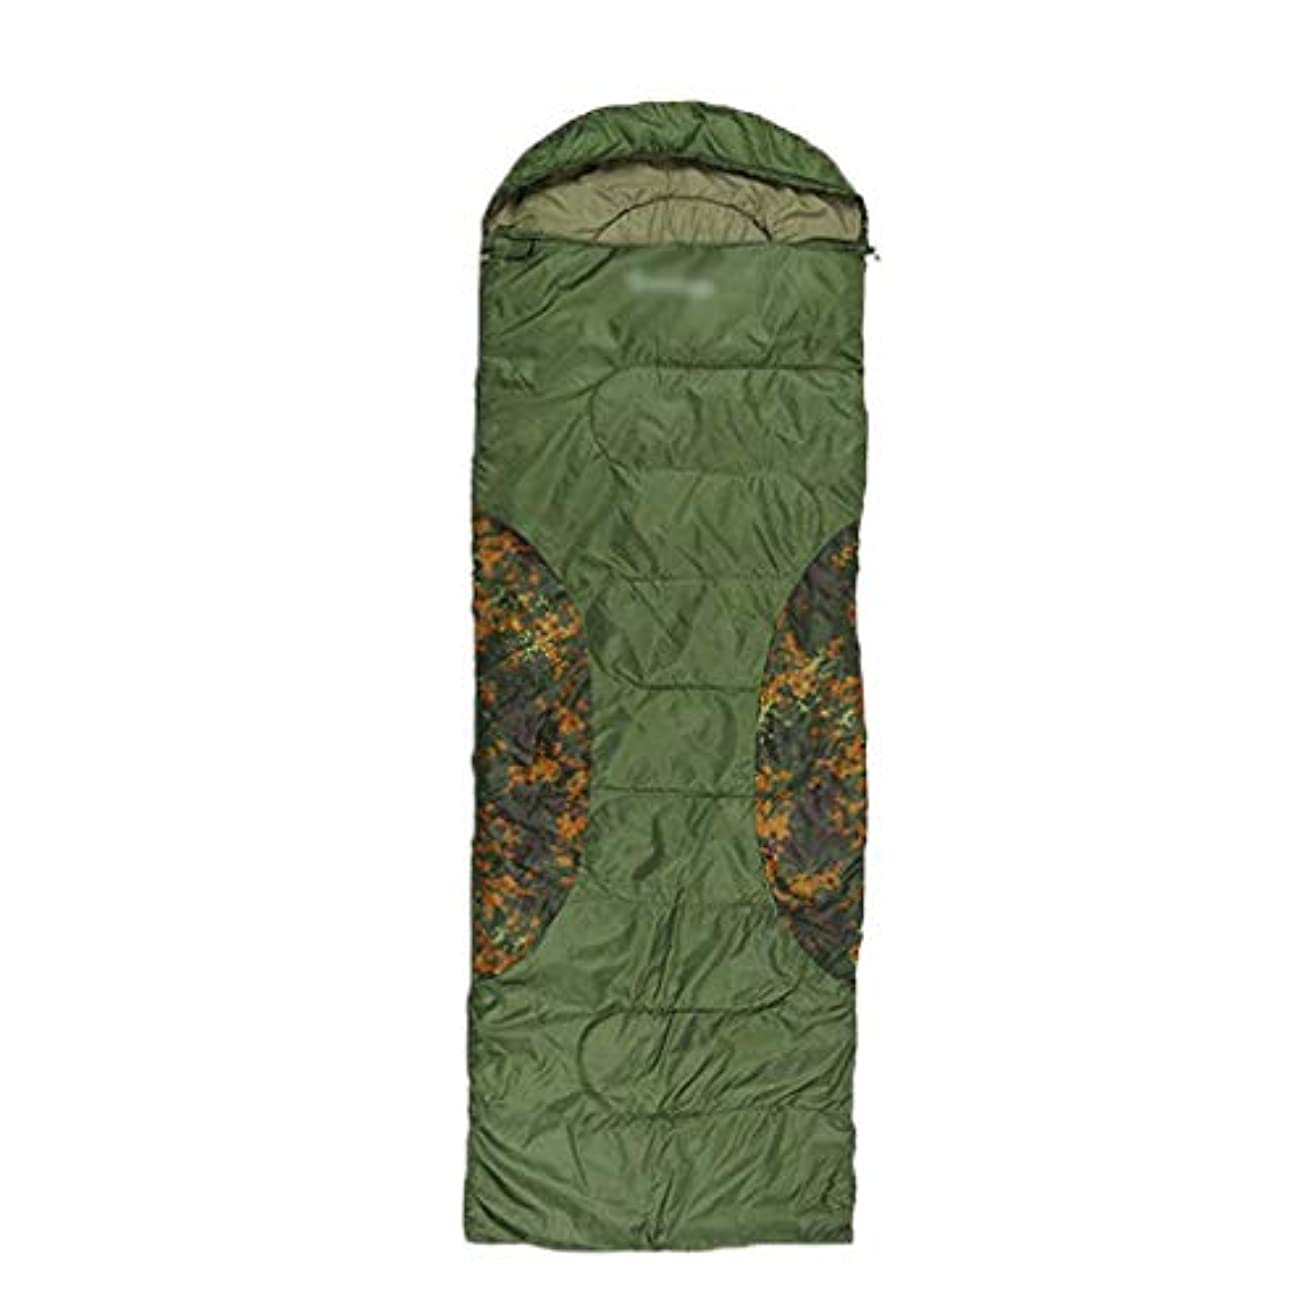 キャンドル変位いわゆる大人の寝袋光快適な封筒ミイラ寝袋タイト防水デザイン暖かい季節睡眠機器キャンプ旅行バックパックハイキング